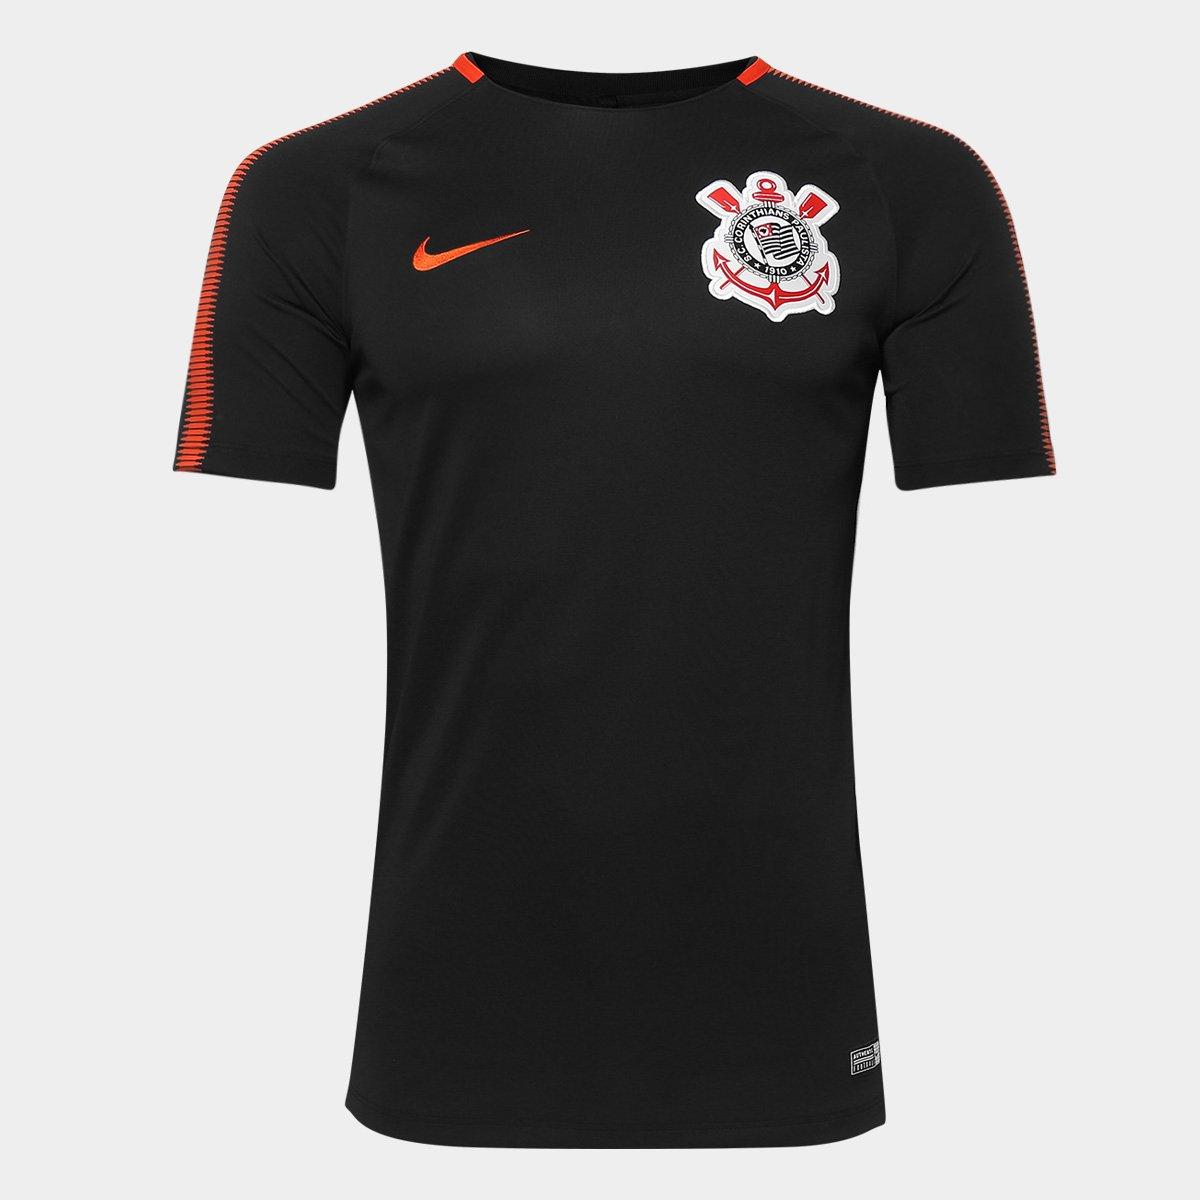 b27f860019 Camisa de Treino Corinthians 18 19 Nike Masculina - Compre Agora ...